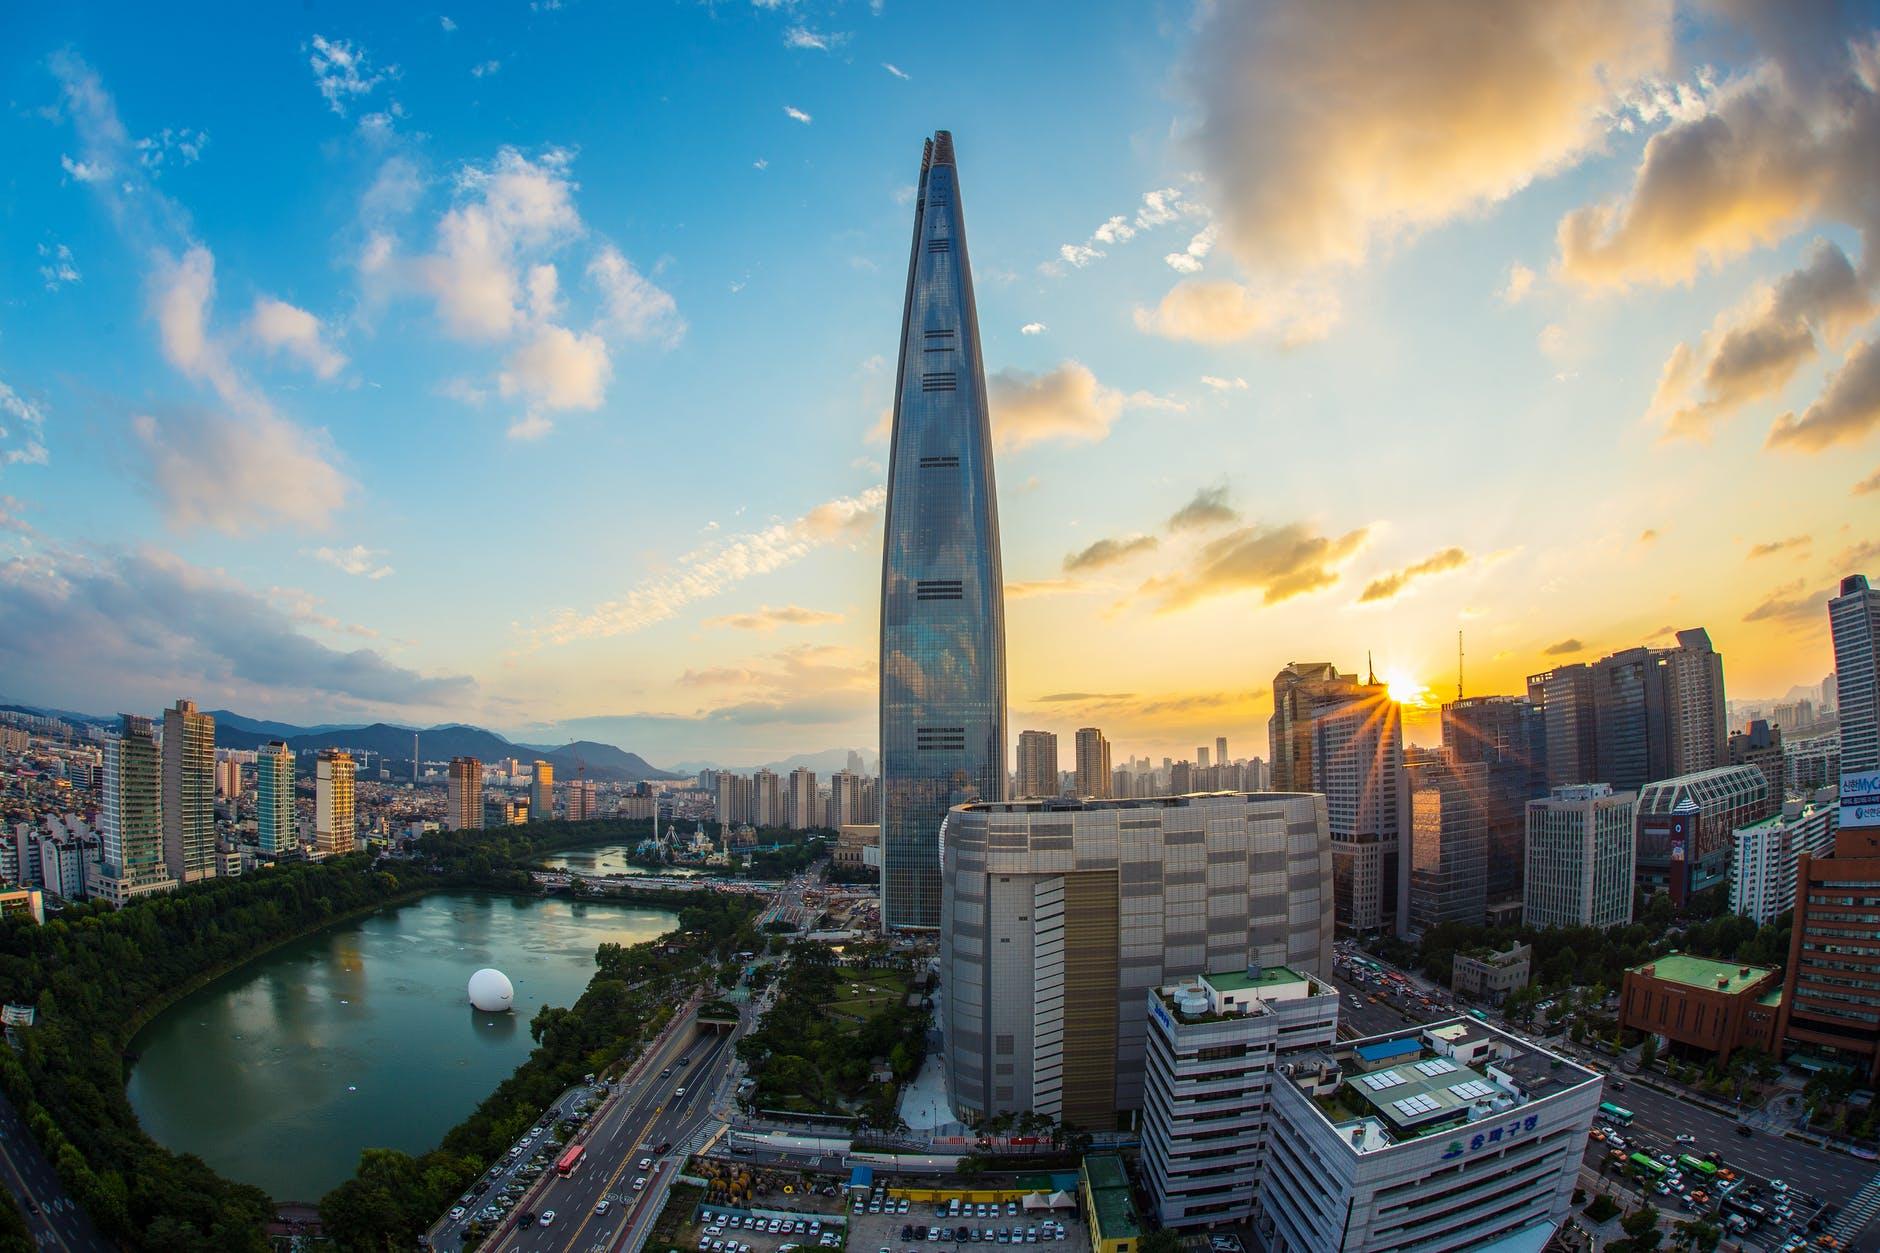 La Lotte World Tower dispose d'un des ascenseurs les plus rapides au monde.